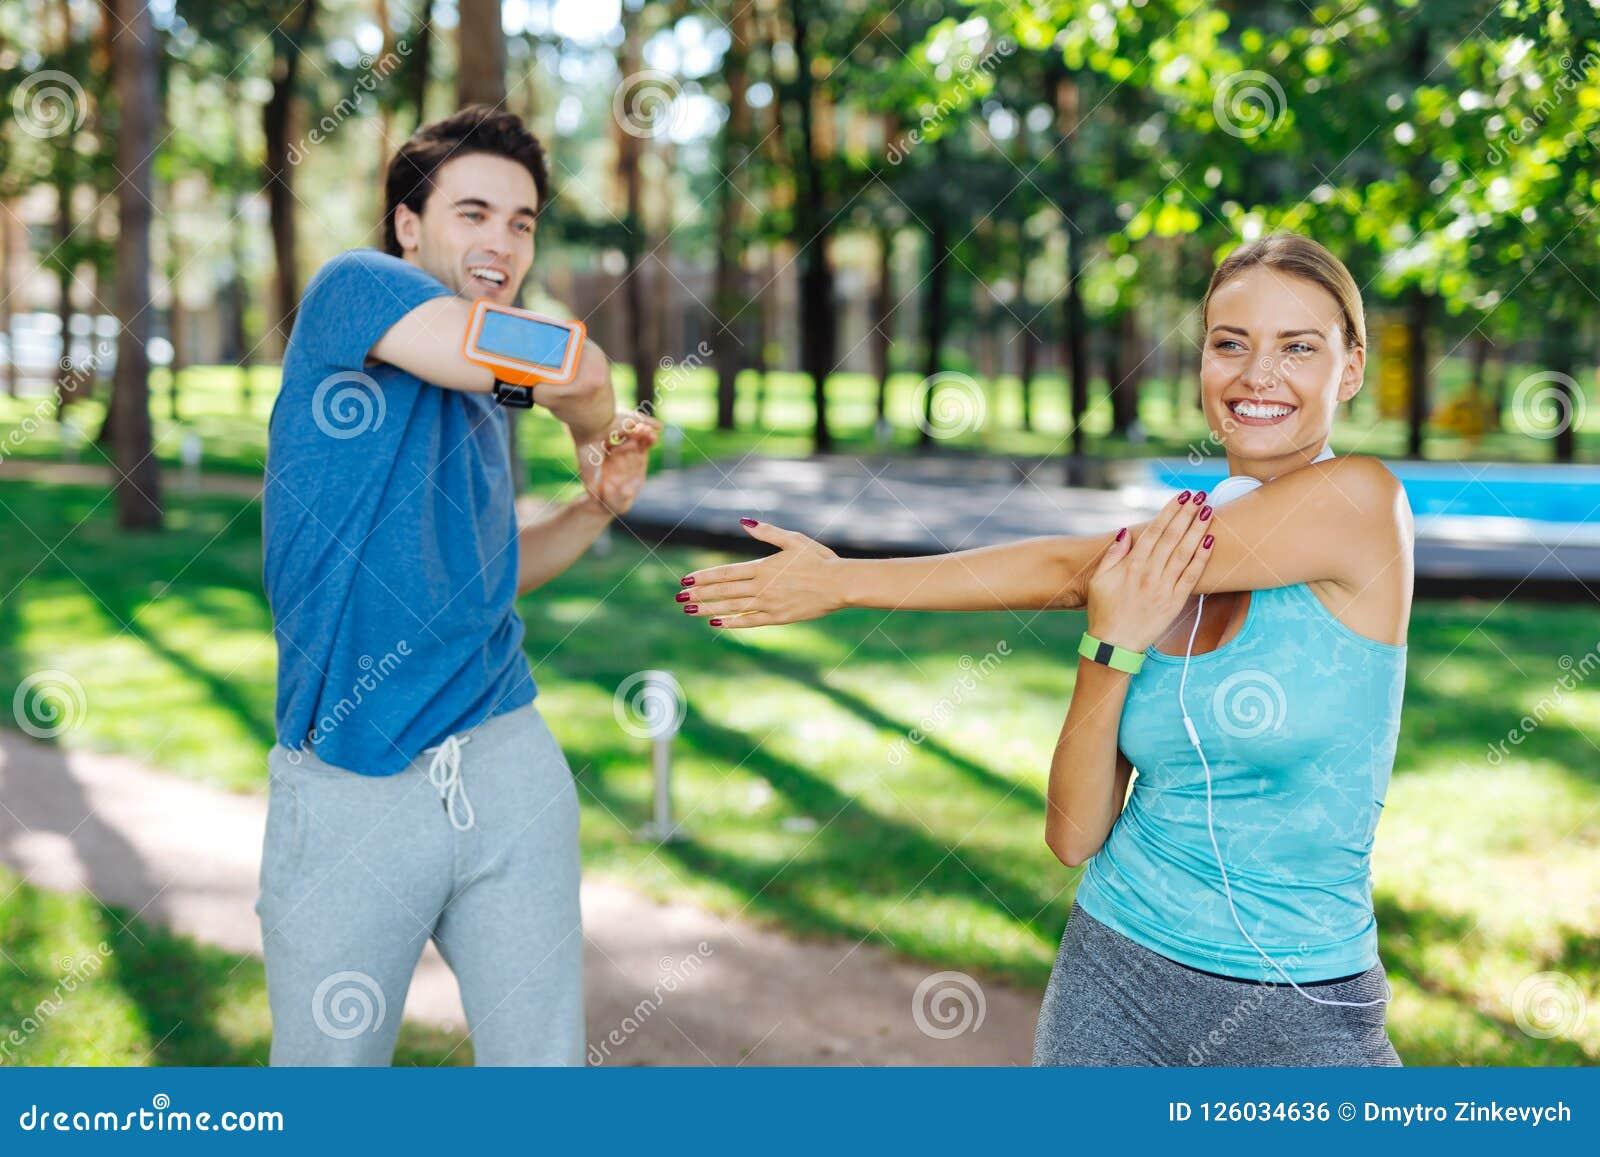 Povos alegres deleitados que apreciam fazendo atividades dos esportes